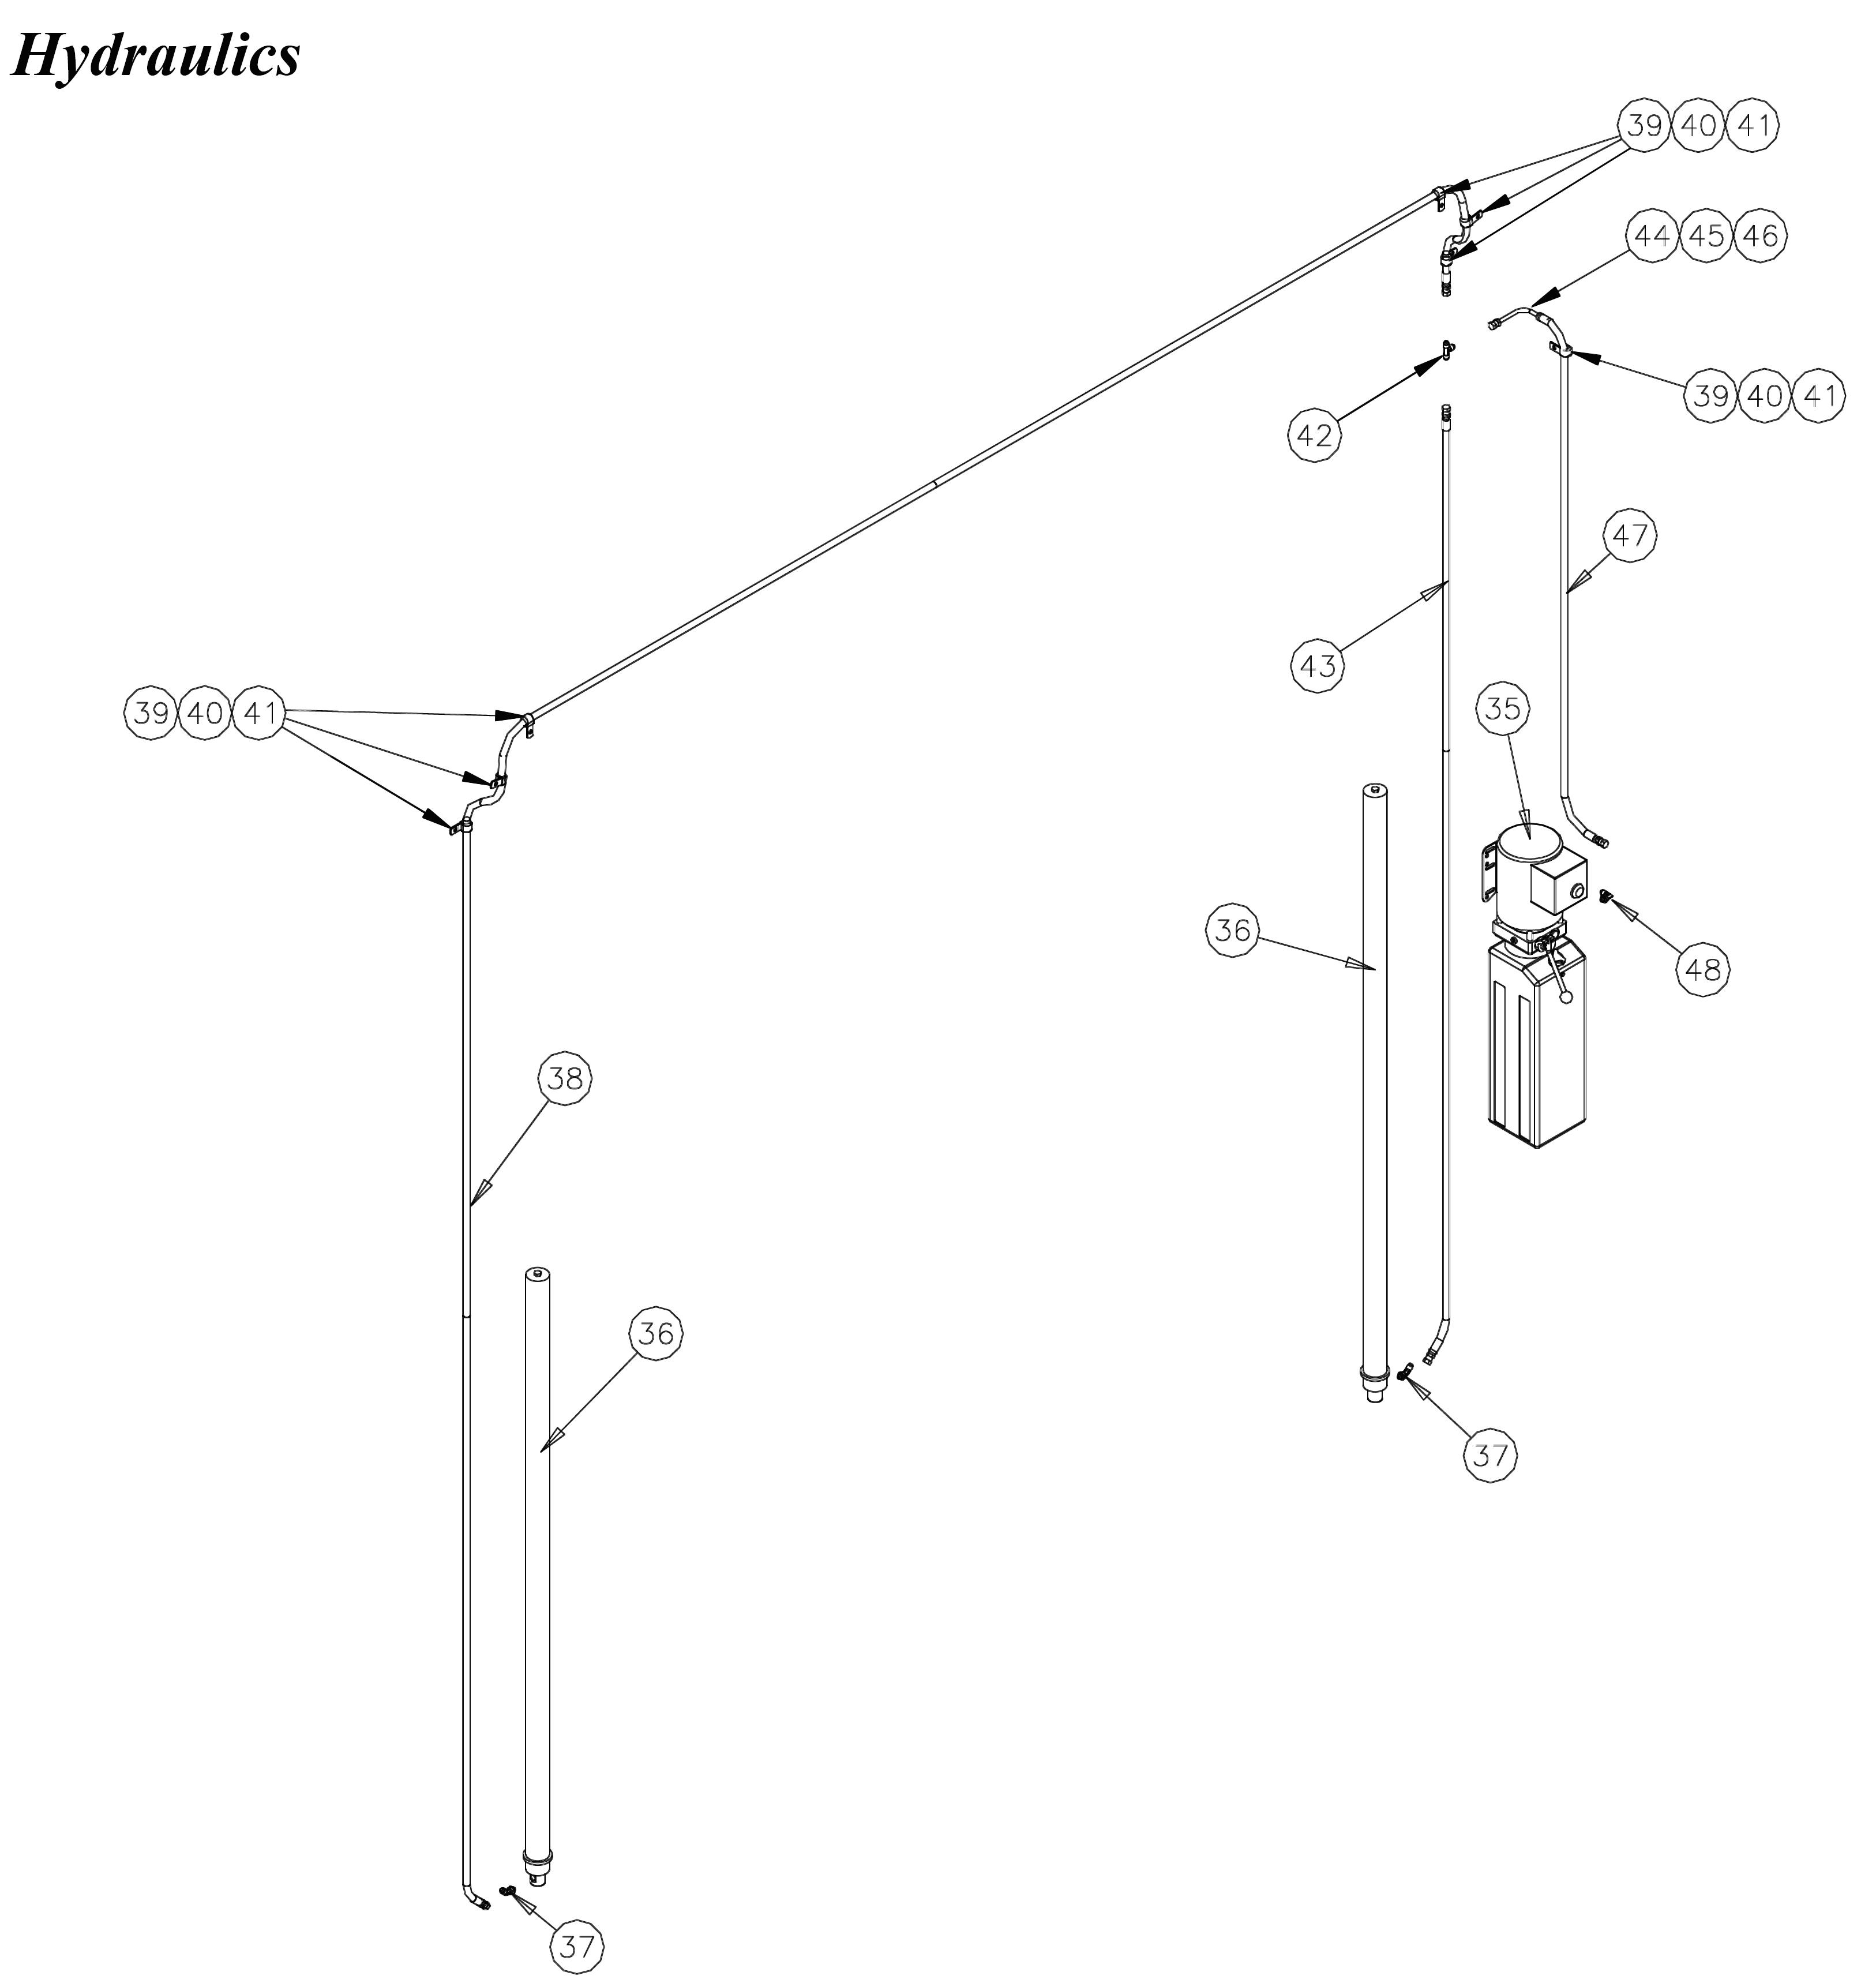 cl10-hydraulics-diagram.png